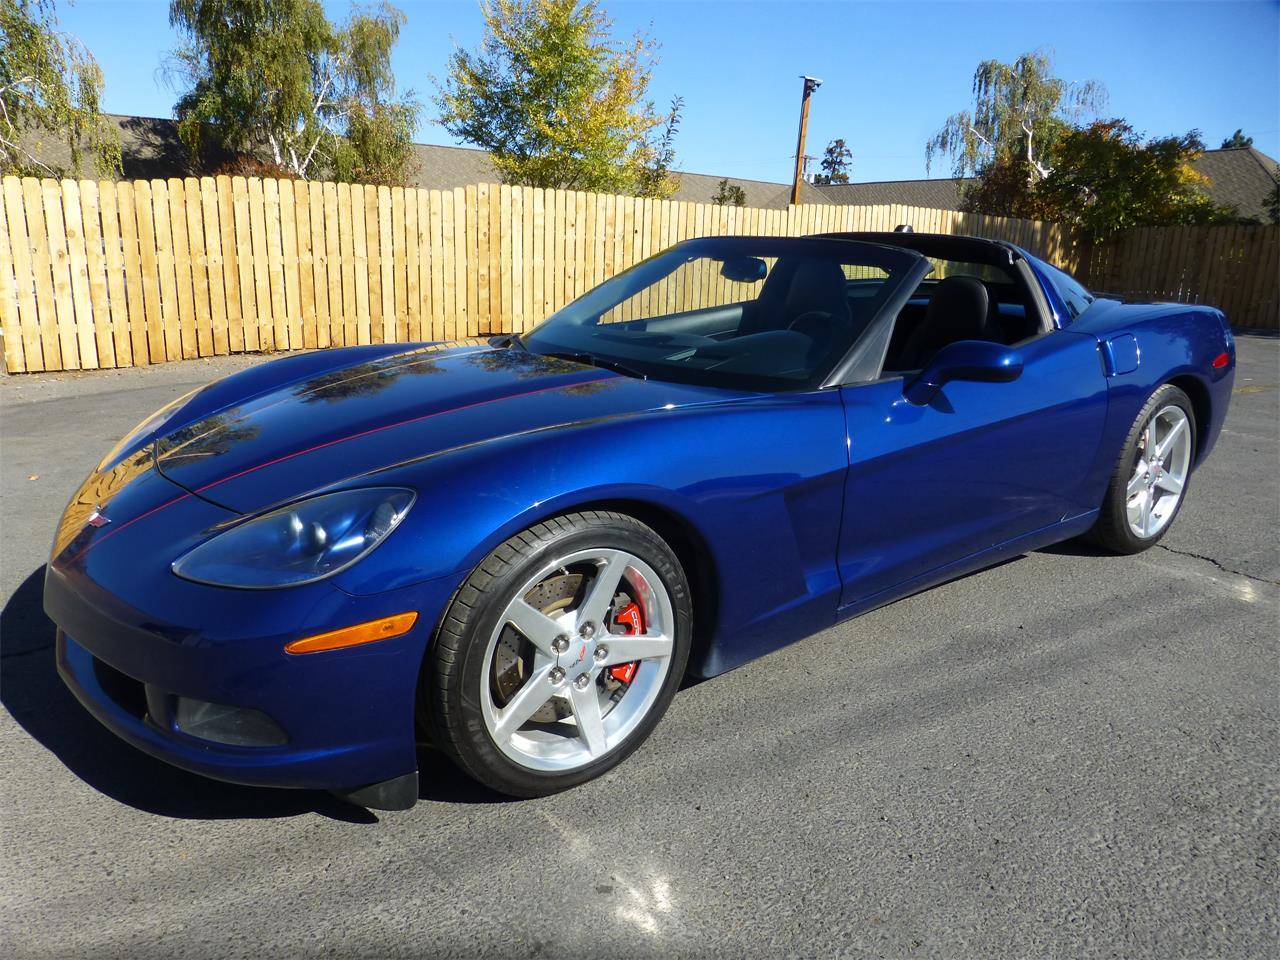 2005 Corvette For Sale >> 2005 Chevrolet Corvette For Sale Classiccars Com Cc 1152669